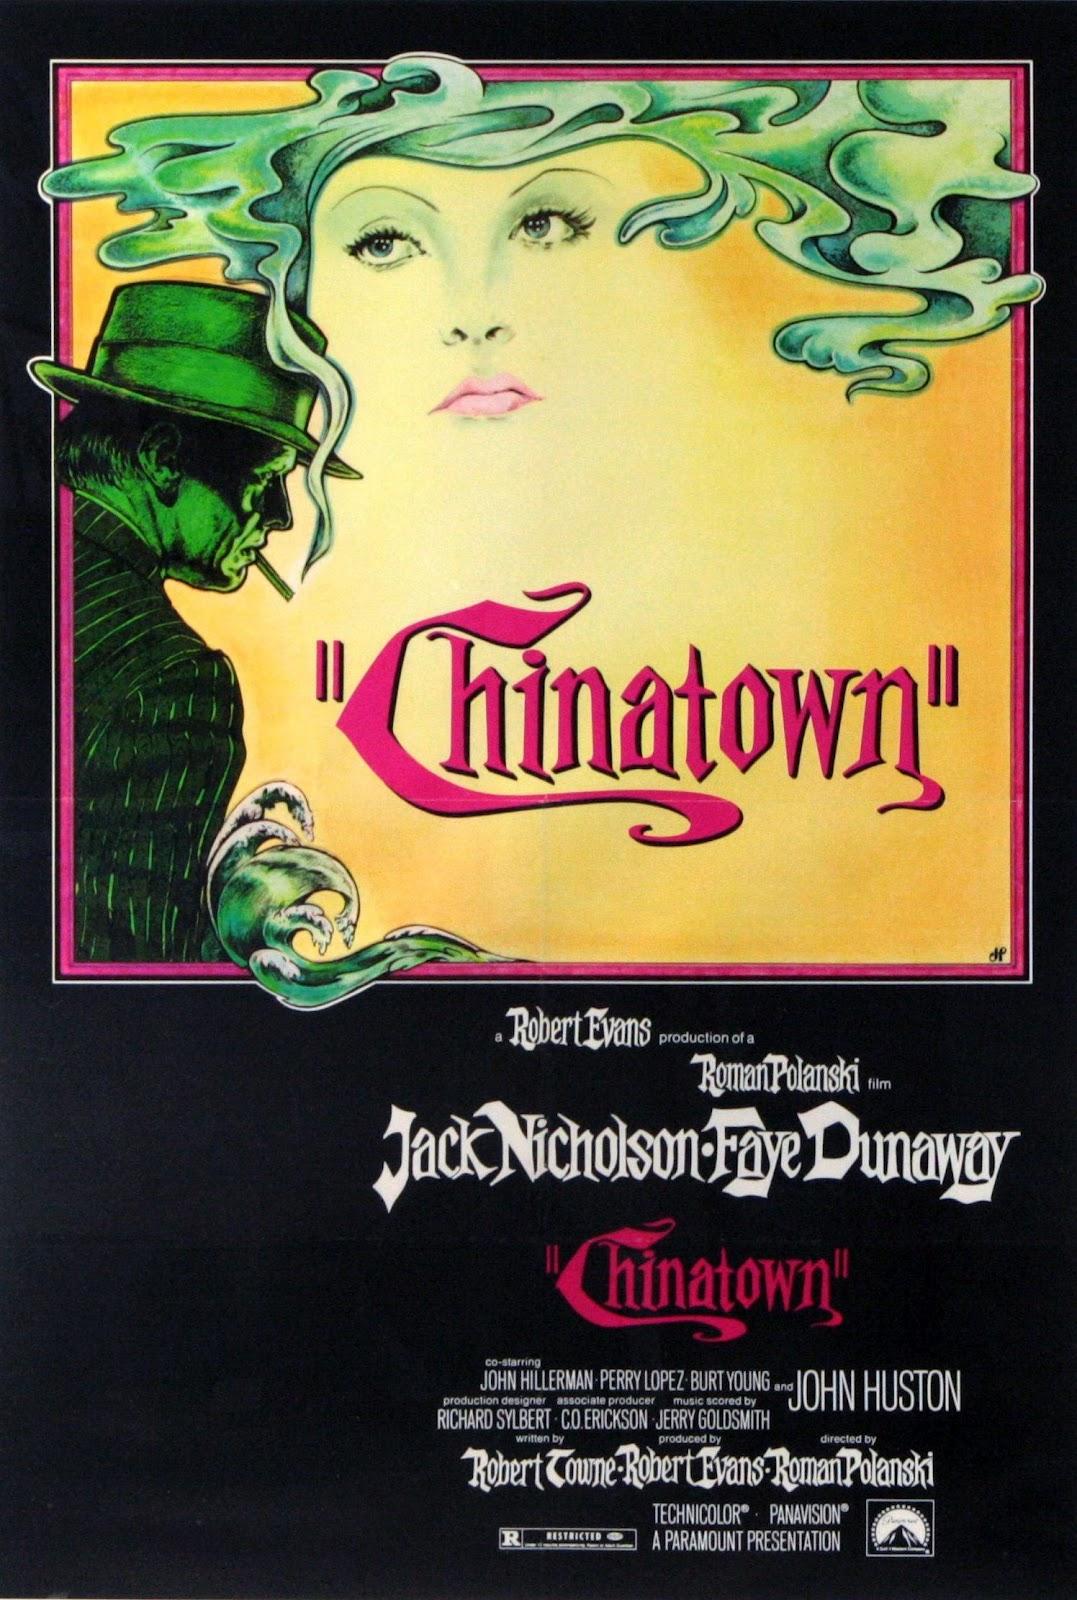 Chinatown-Film-Poster-001.jpg